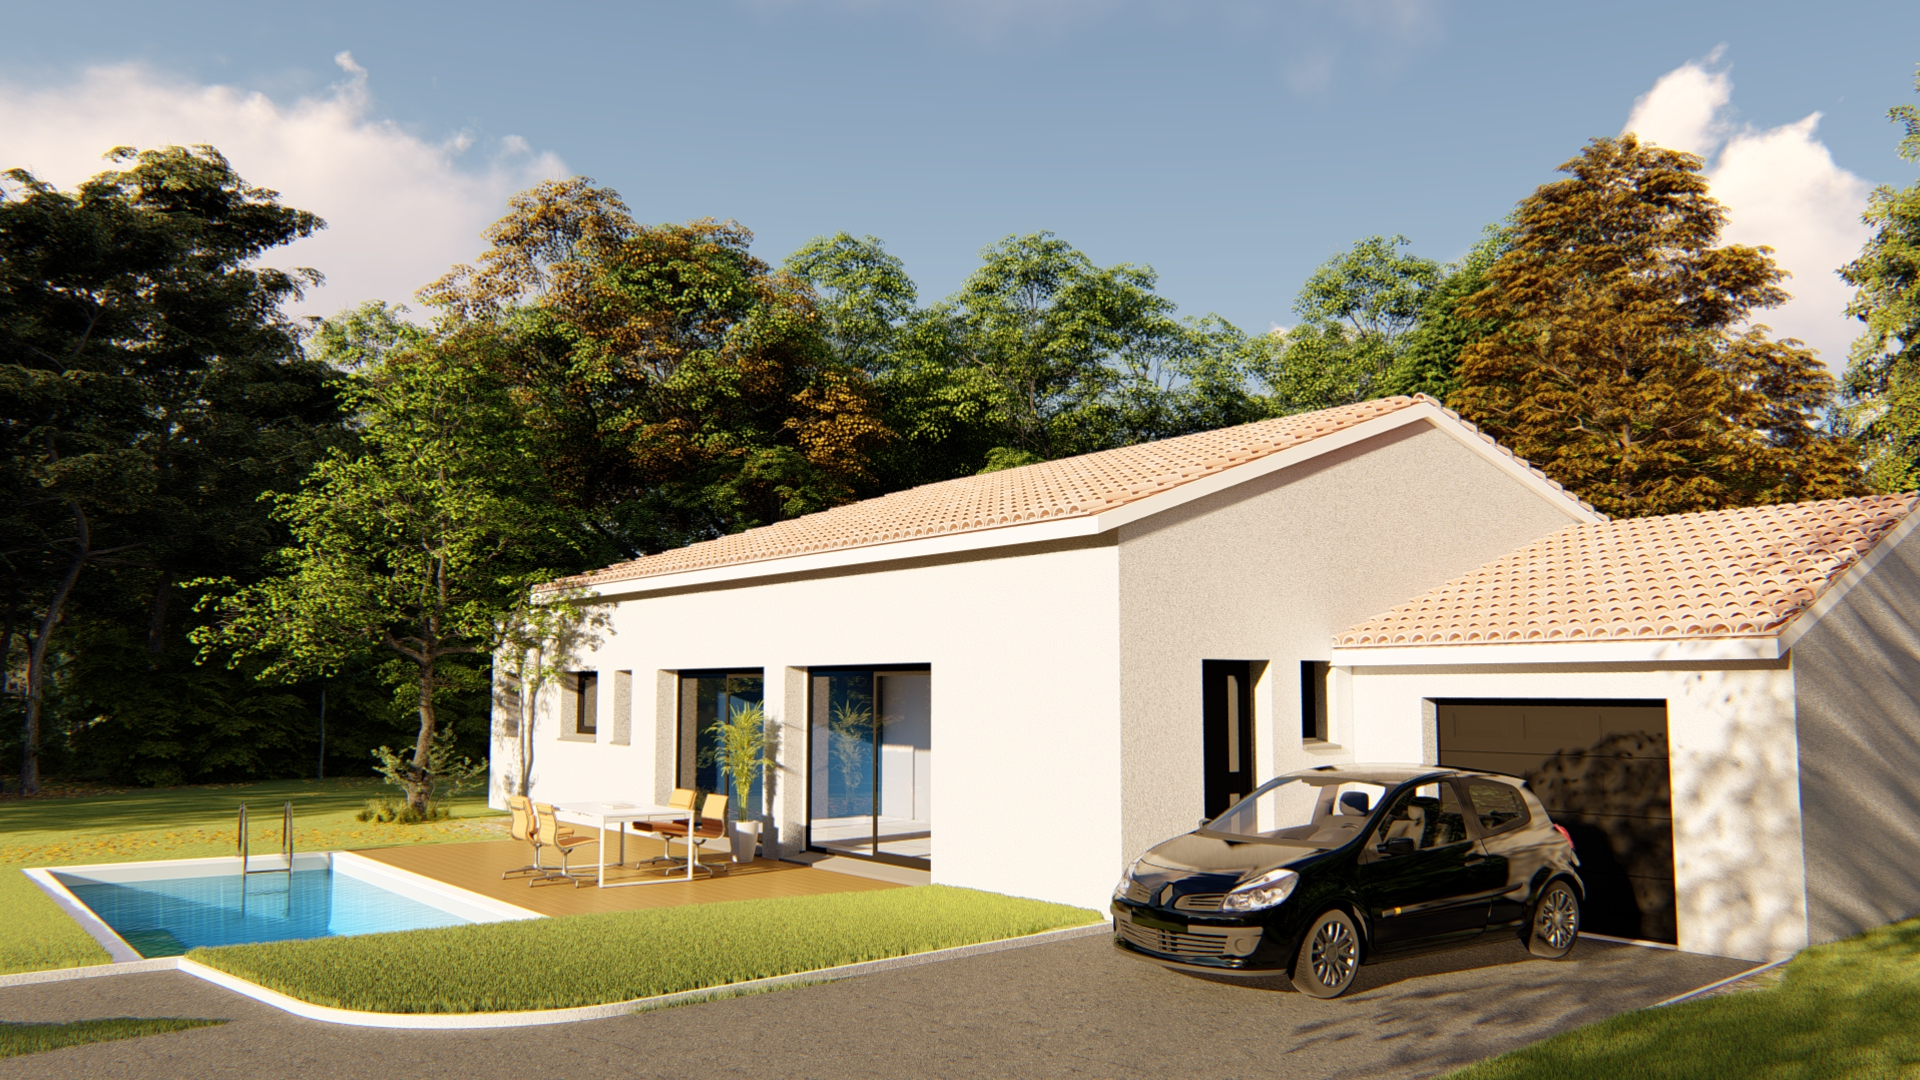 Maisons + Terrains du constructeur VILLAS SUD CREATION • 123 m² • FENOUILLET